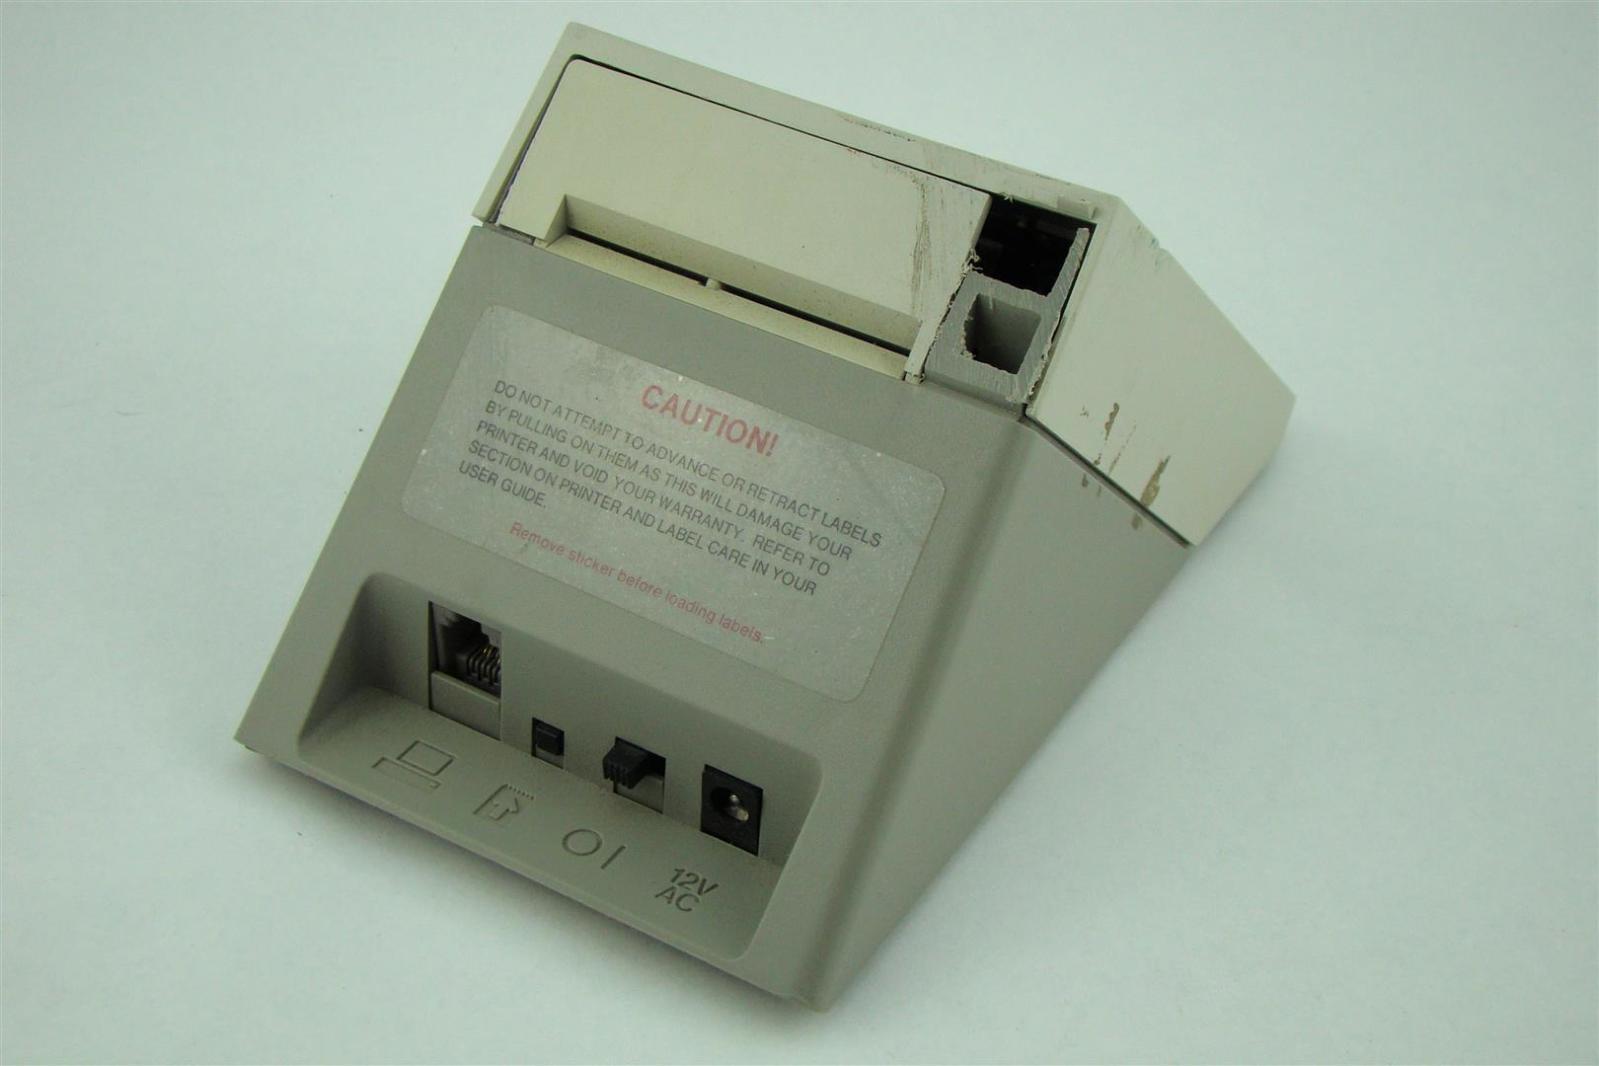 seiko smart label printer 440 driver download